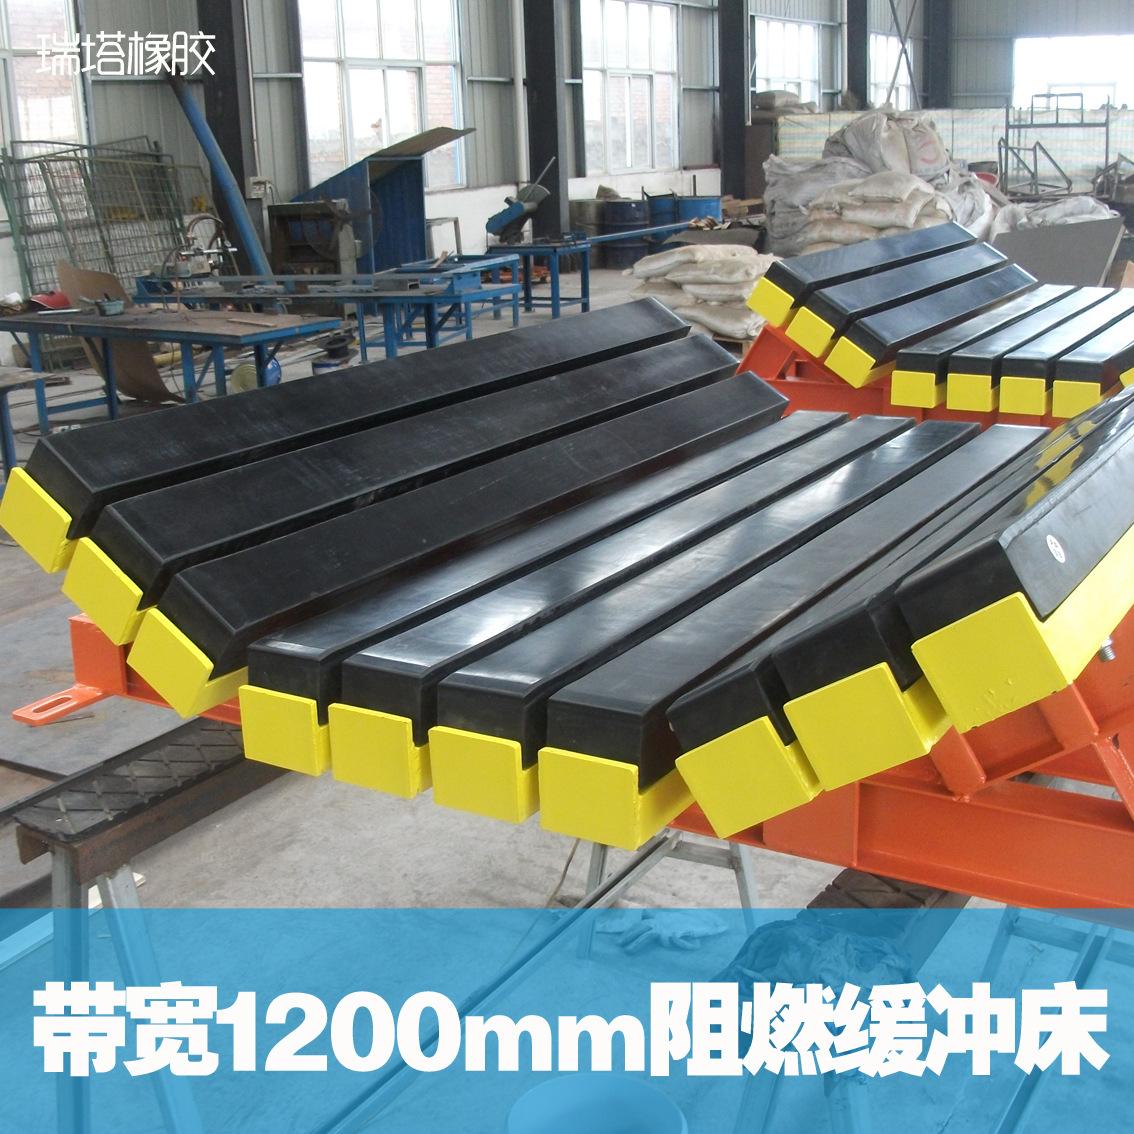 专业耐磨缓冲床 皮带机缓冲床规格示例图3